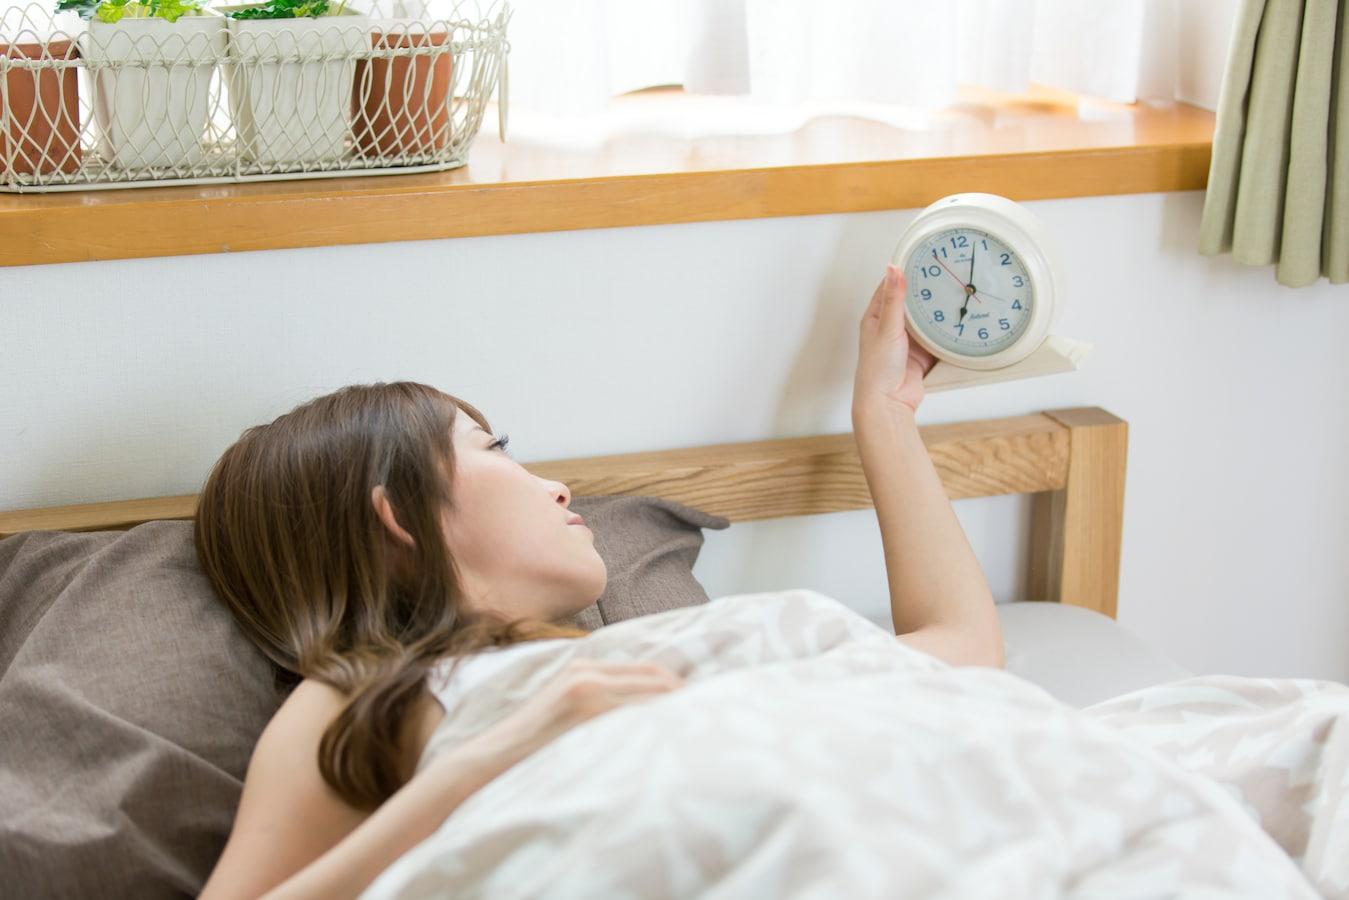 日中に強烈な睡魔がやってくる『過眠症』の症状& …